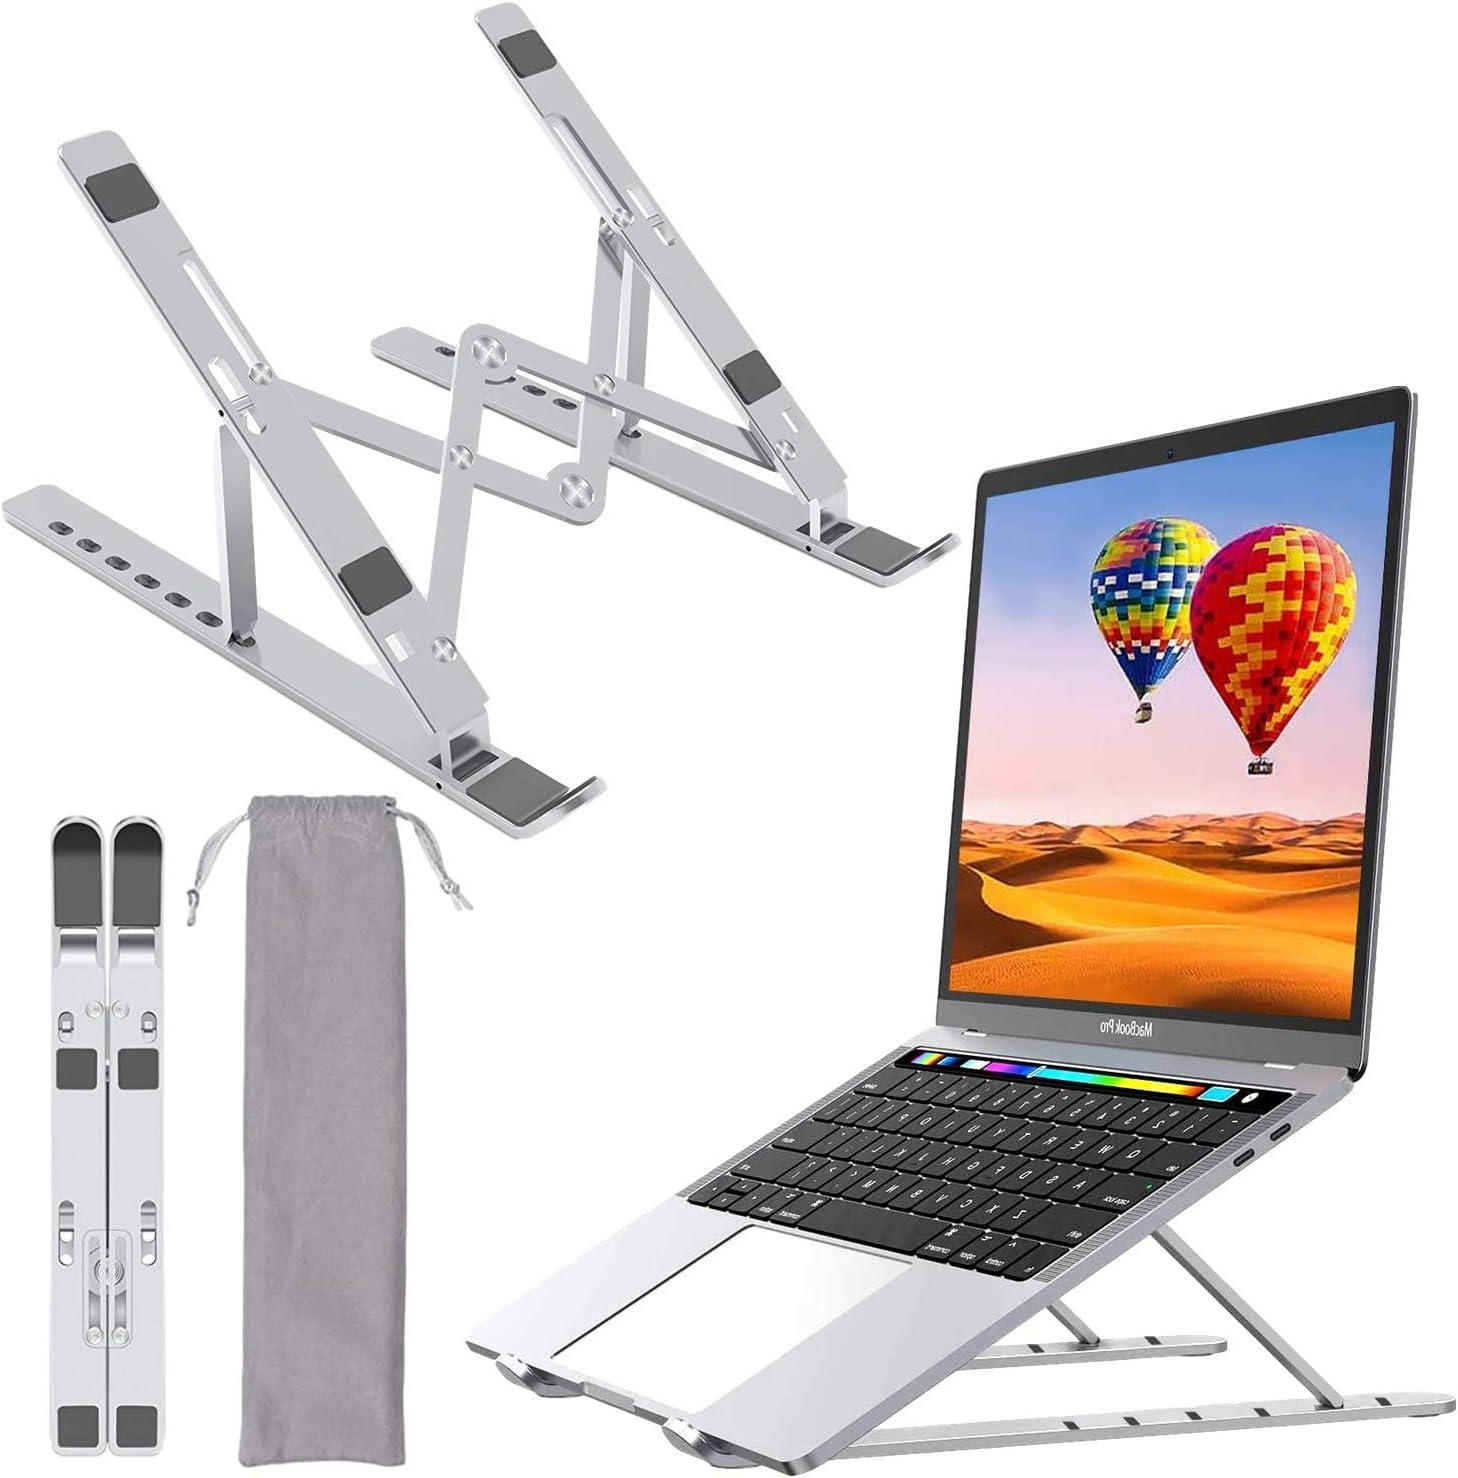 Laptop Stand for Desk Dedication Portable Popular Adjustable Height Riser F